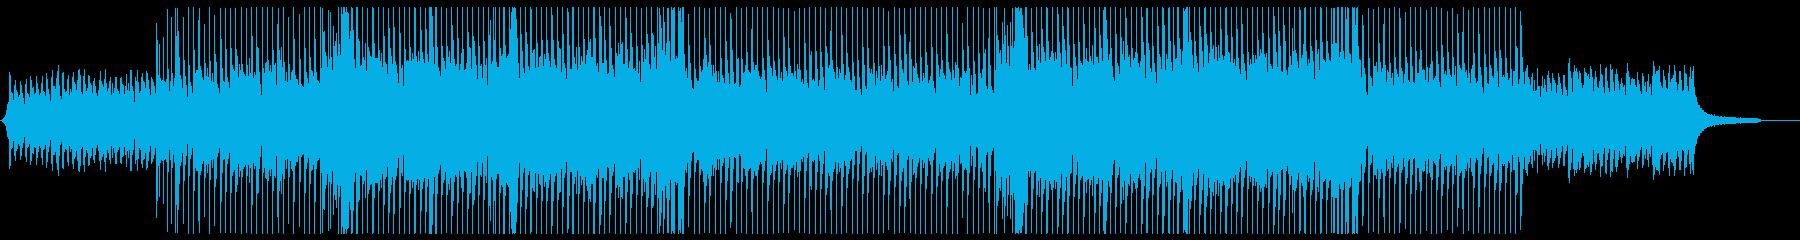 【メロ抜き】前向きで爽やかなコーポレートの再生済みの波形